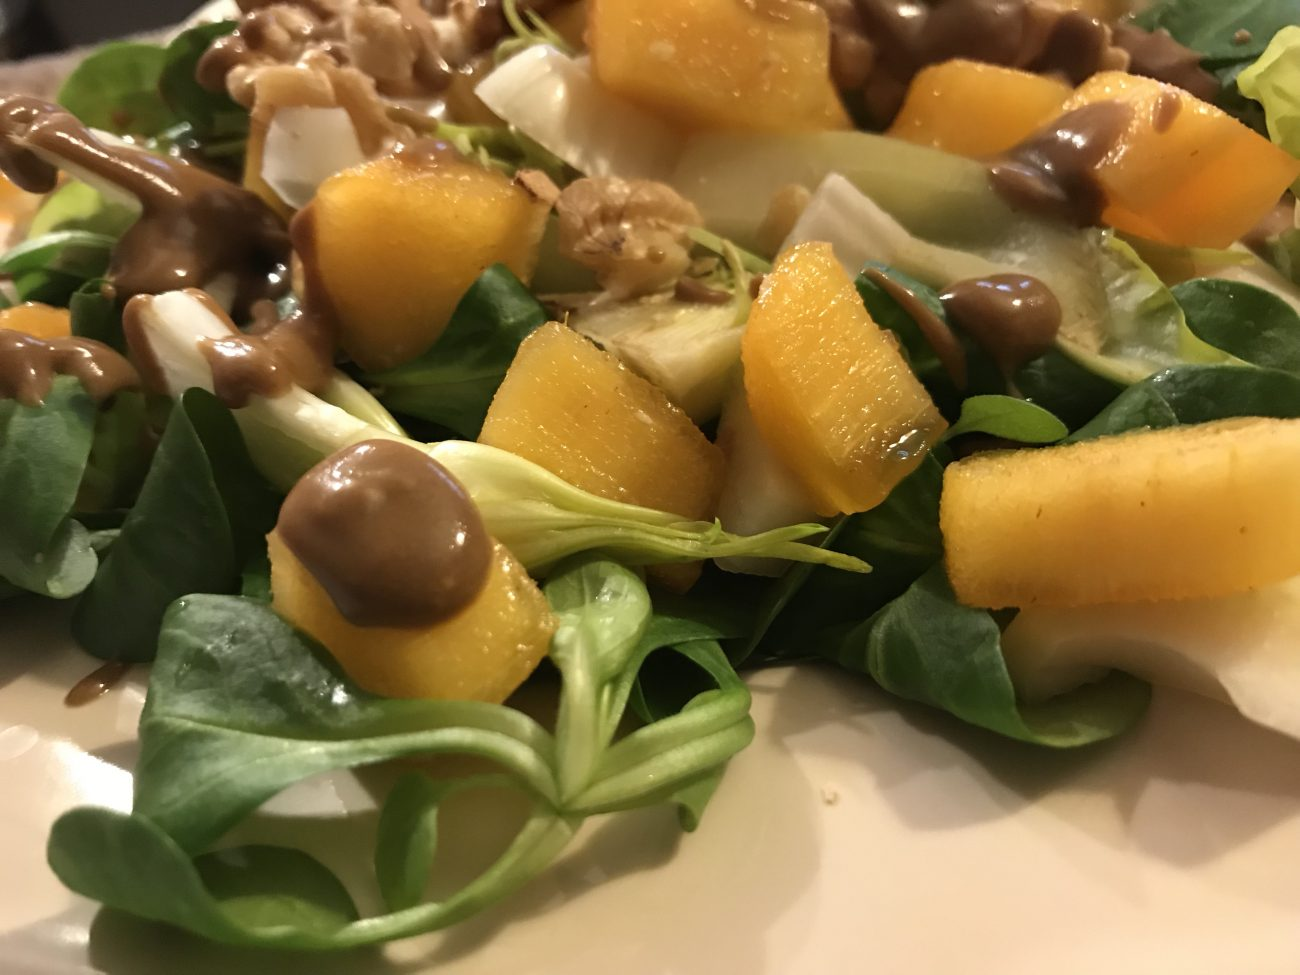 Puntarelle e caco mela: il gusto in insalata